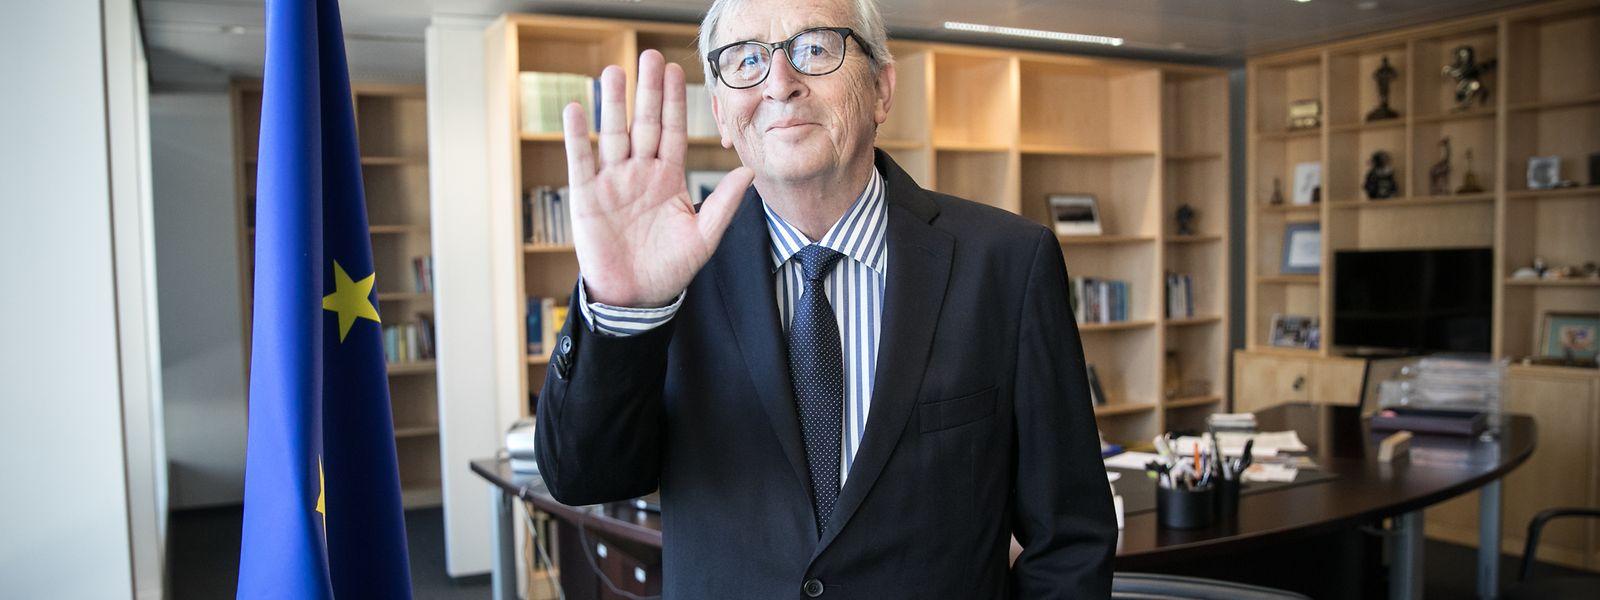 Für Kommissionspräsident Jean-Claude Juncker ist es Zeit, au revoir zu sagen.